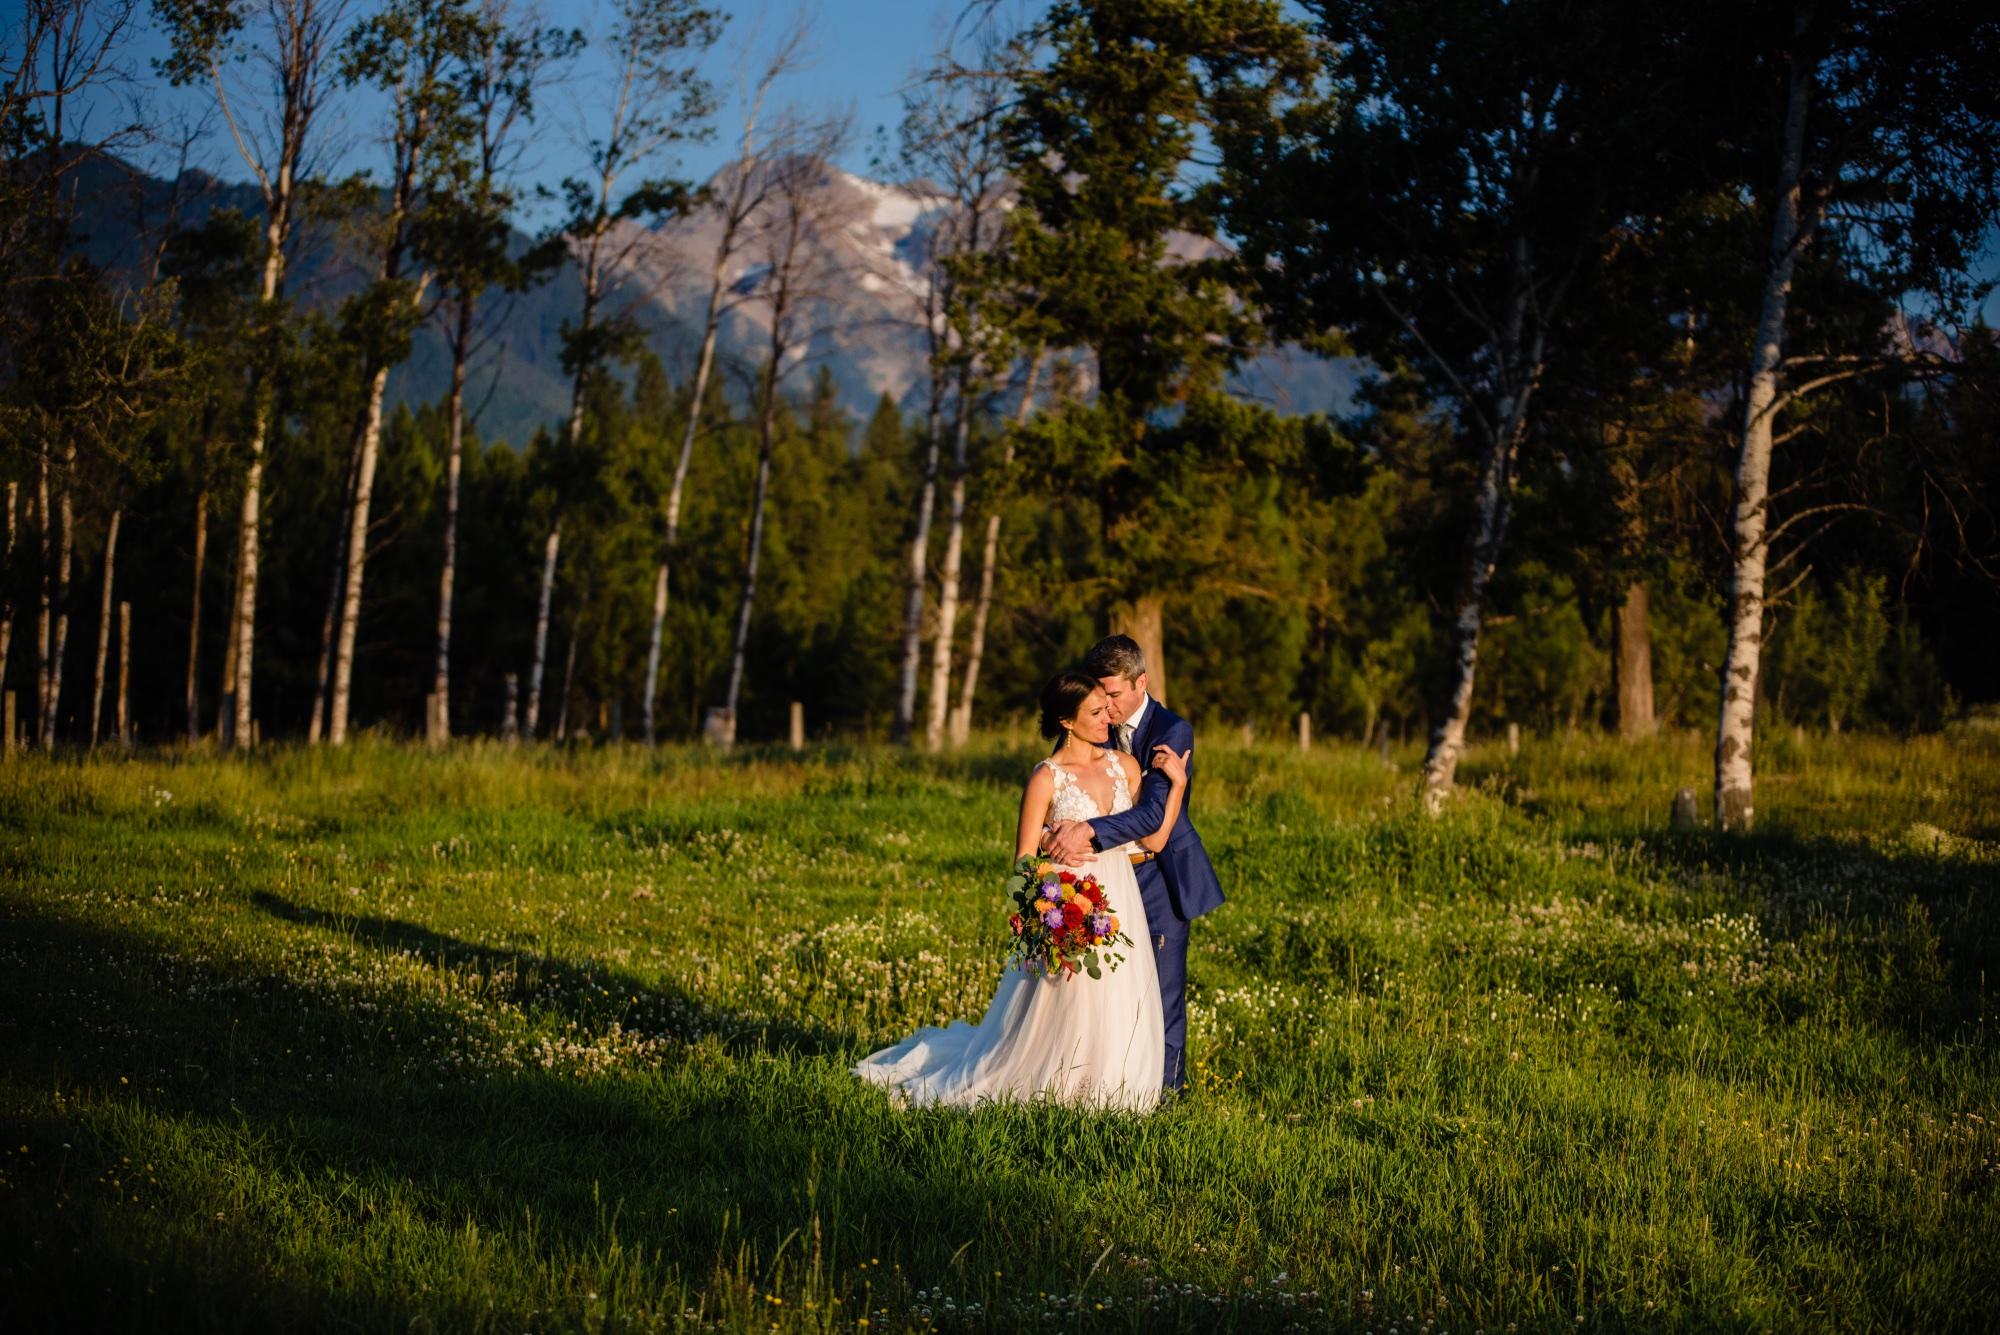 lindseyjane_weddings0126.jpg